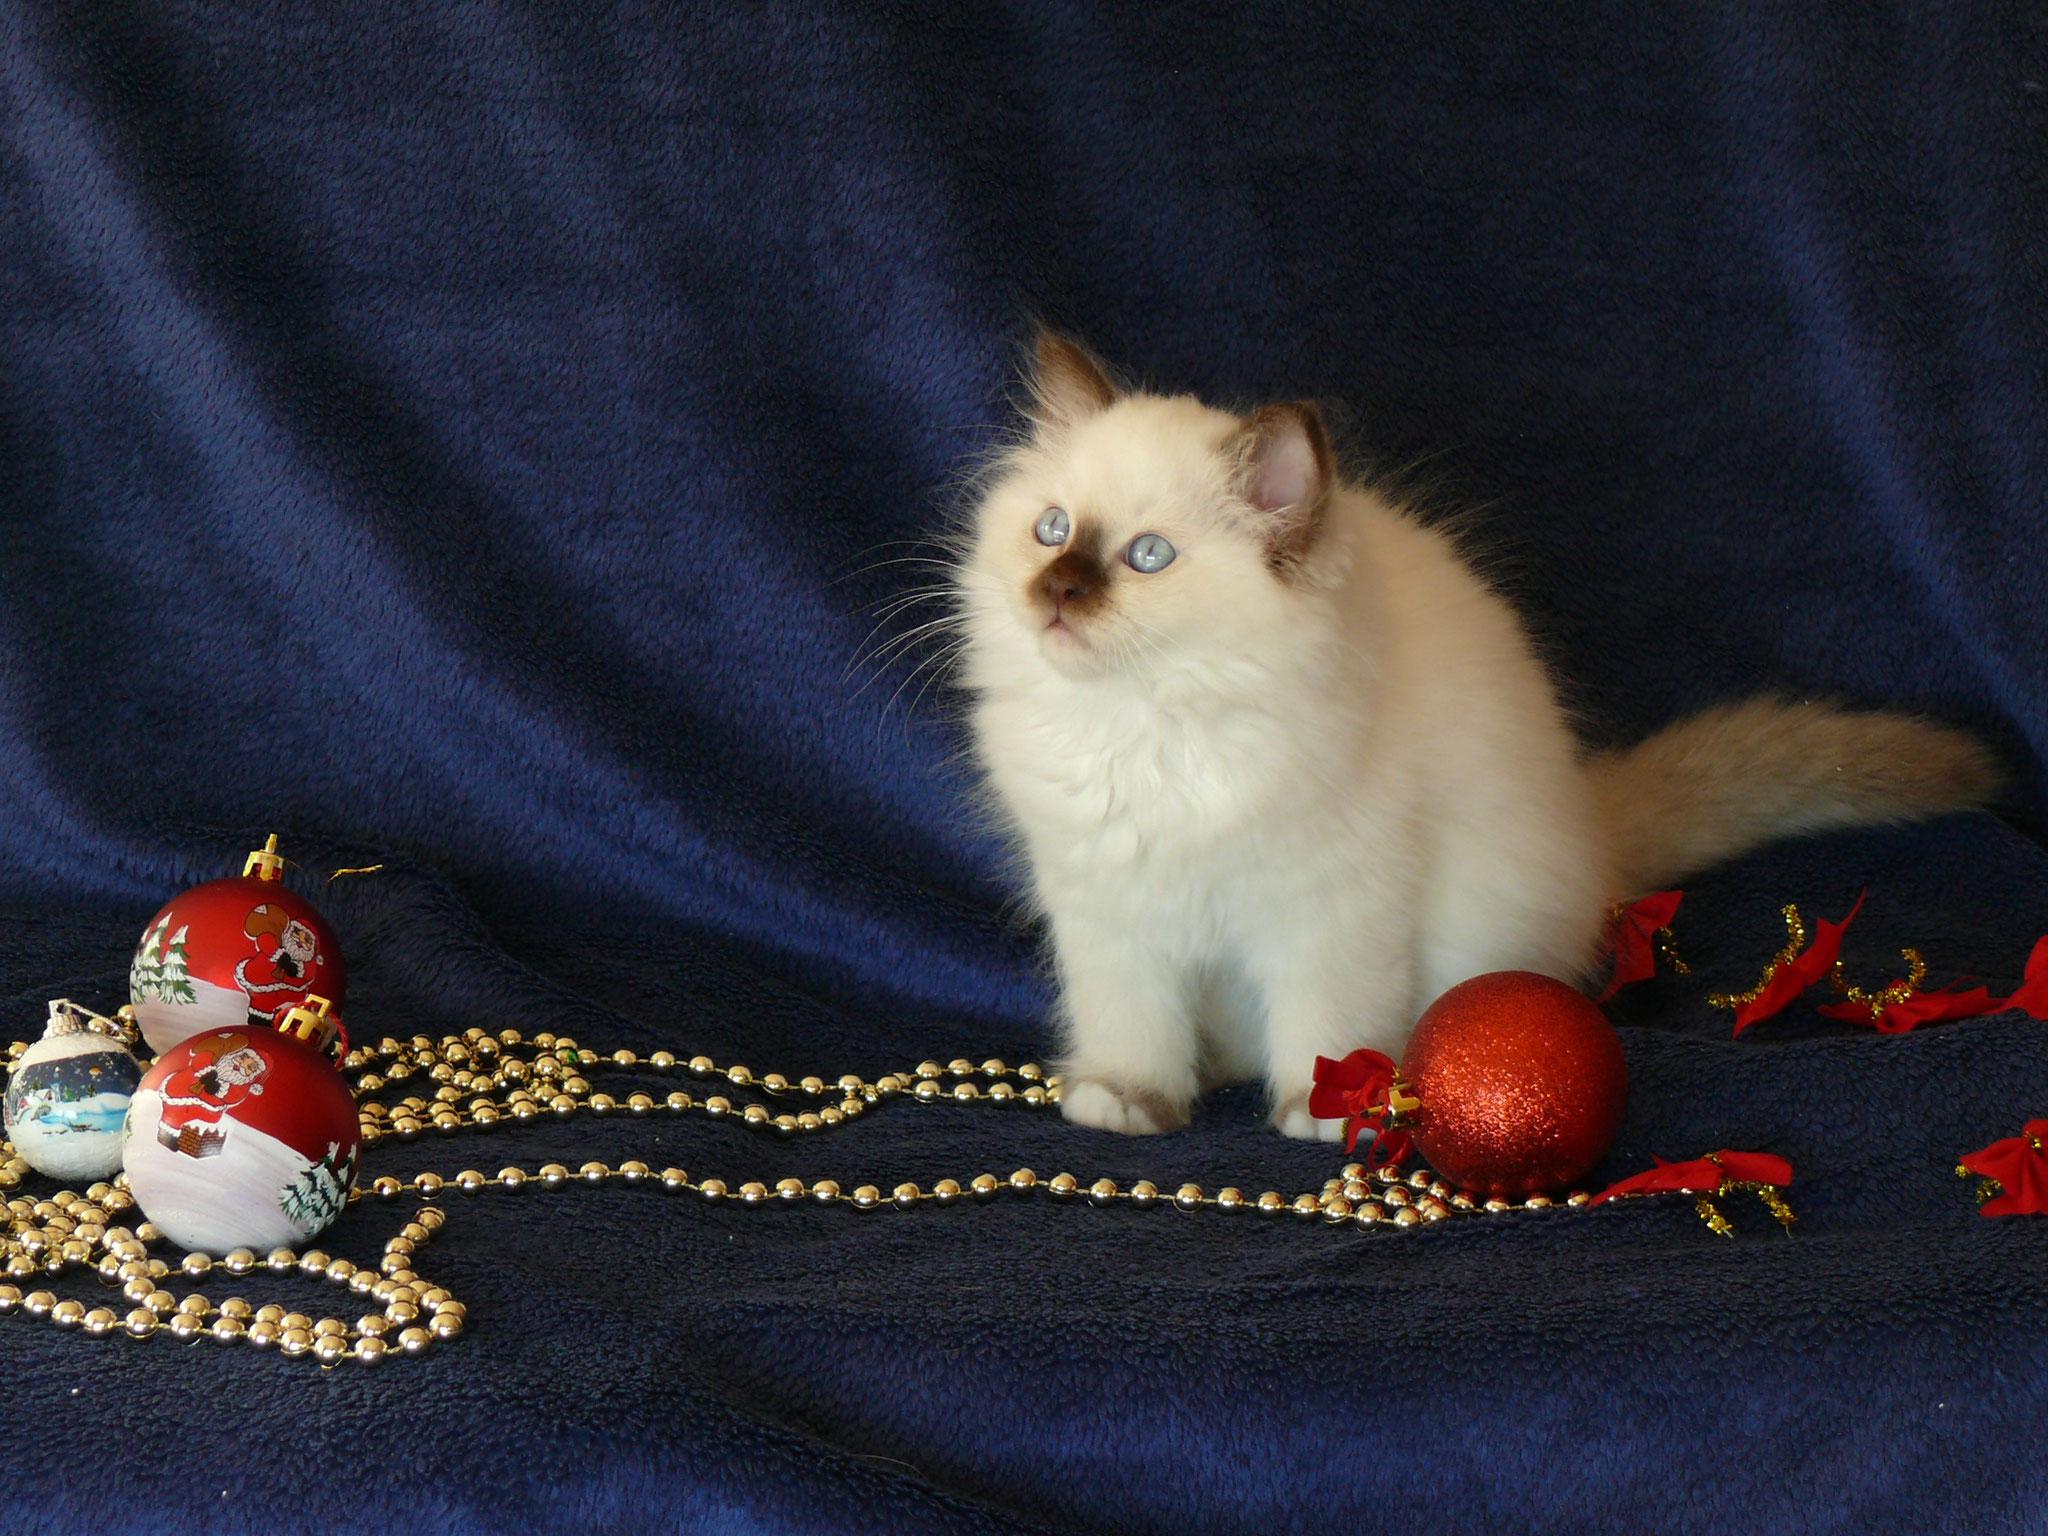 Amigo von der Mondblume 10,5 Wochen alt